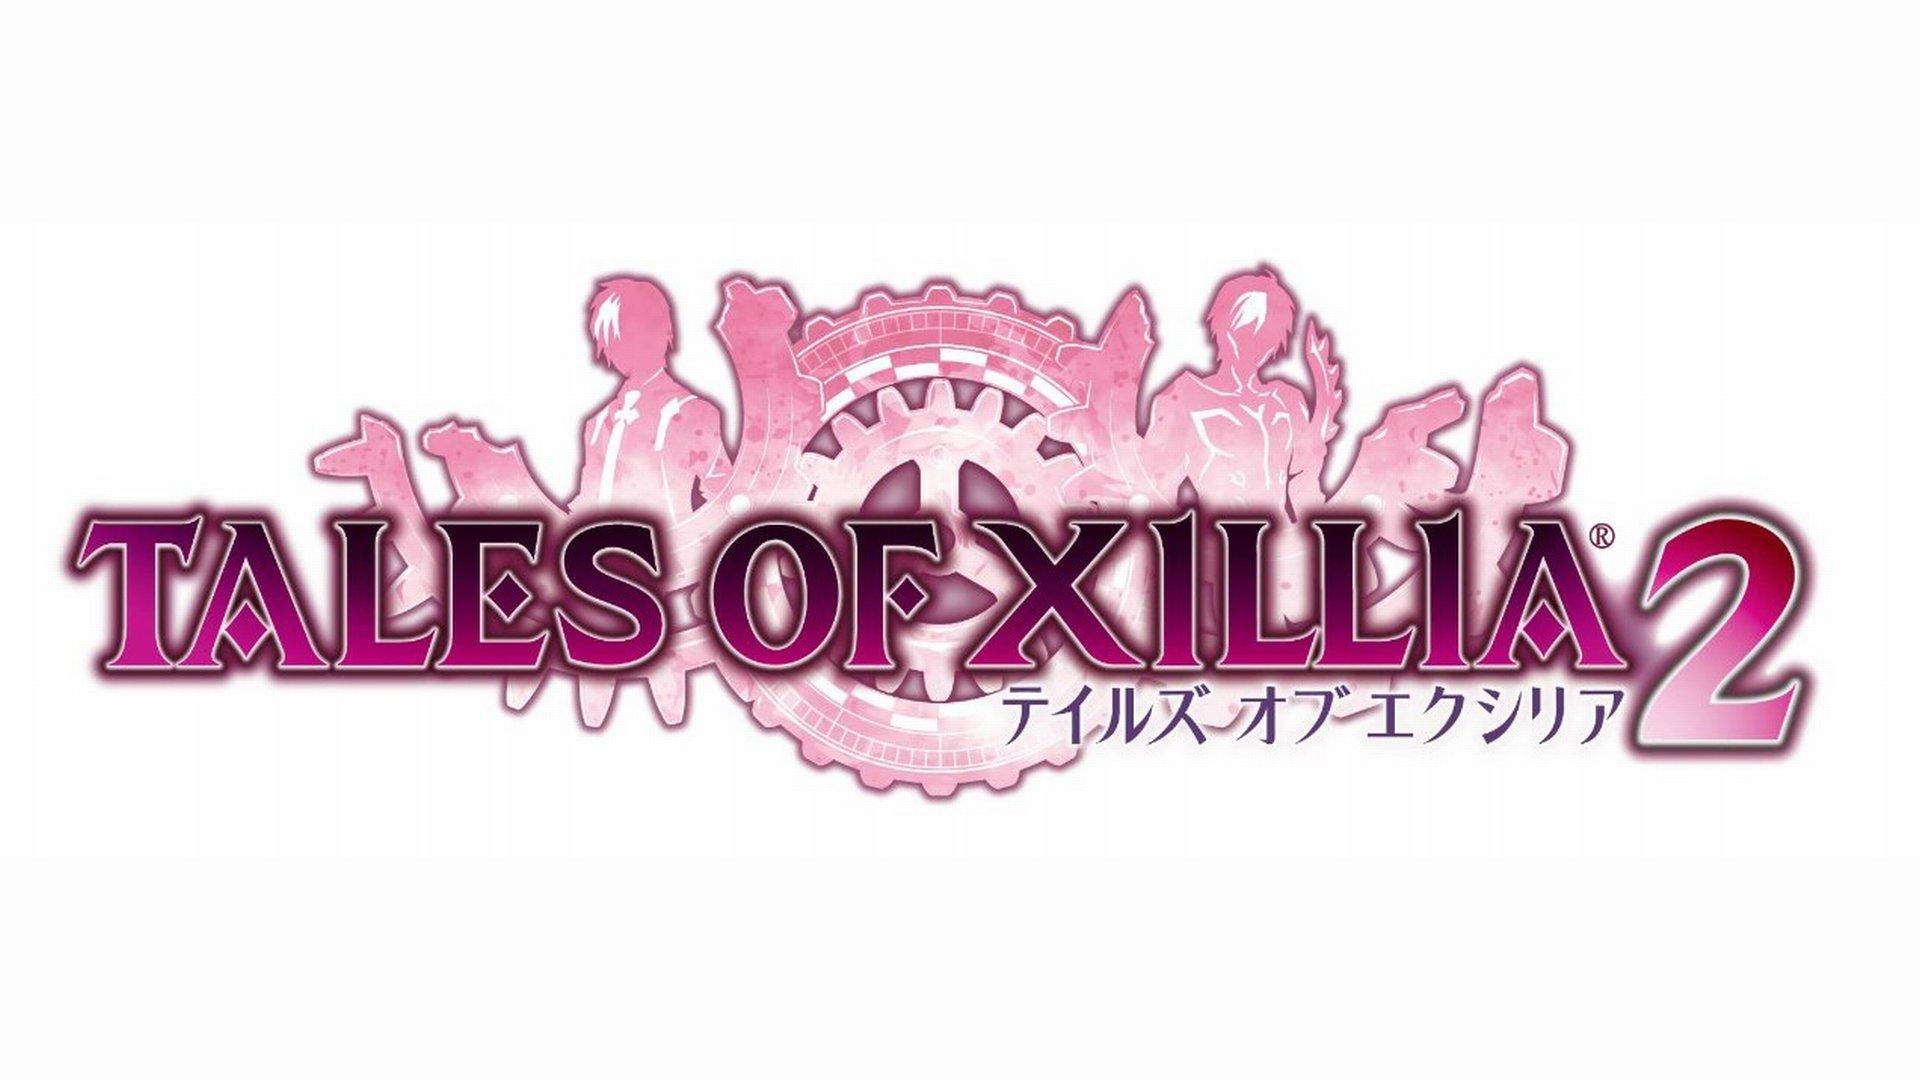 Tales Of Xillia 2 Hd Wallpaper Background Image 1920x1080 Id